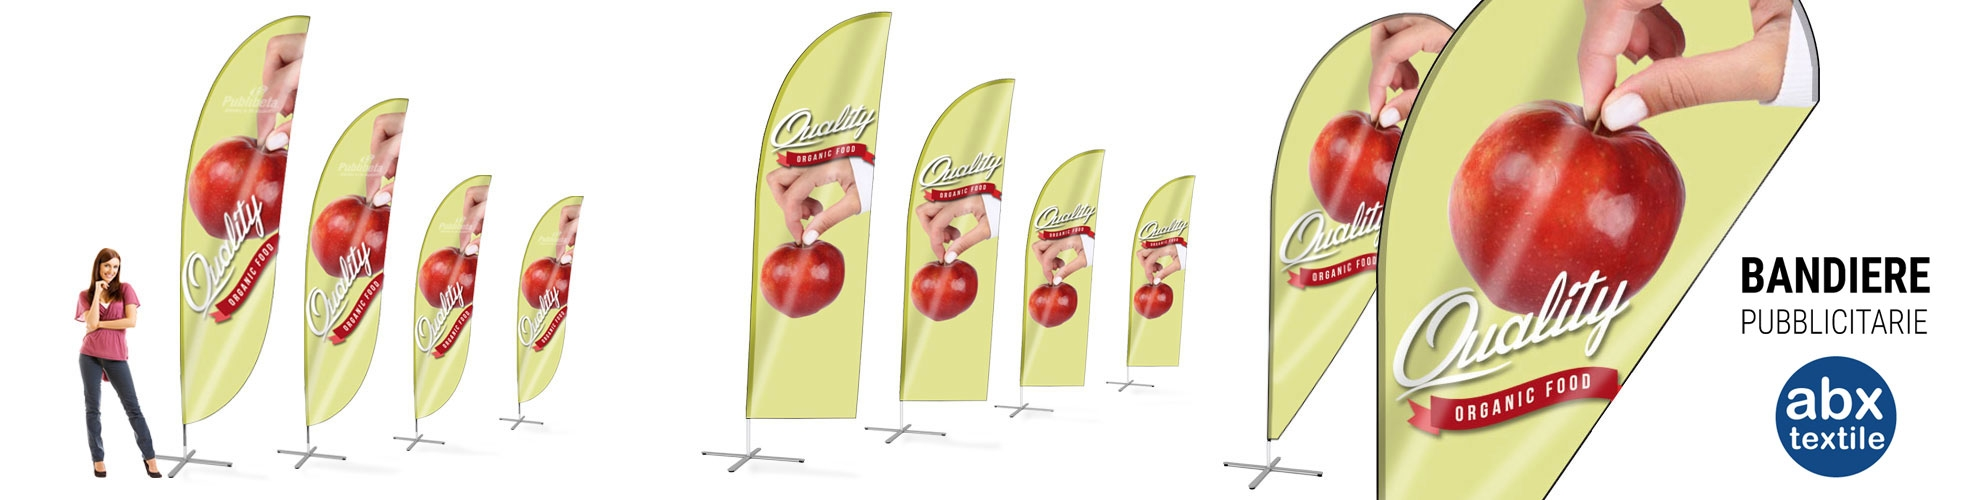 Bandiere pubblicitarie economiche